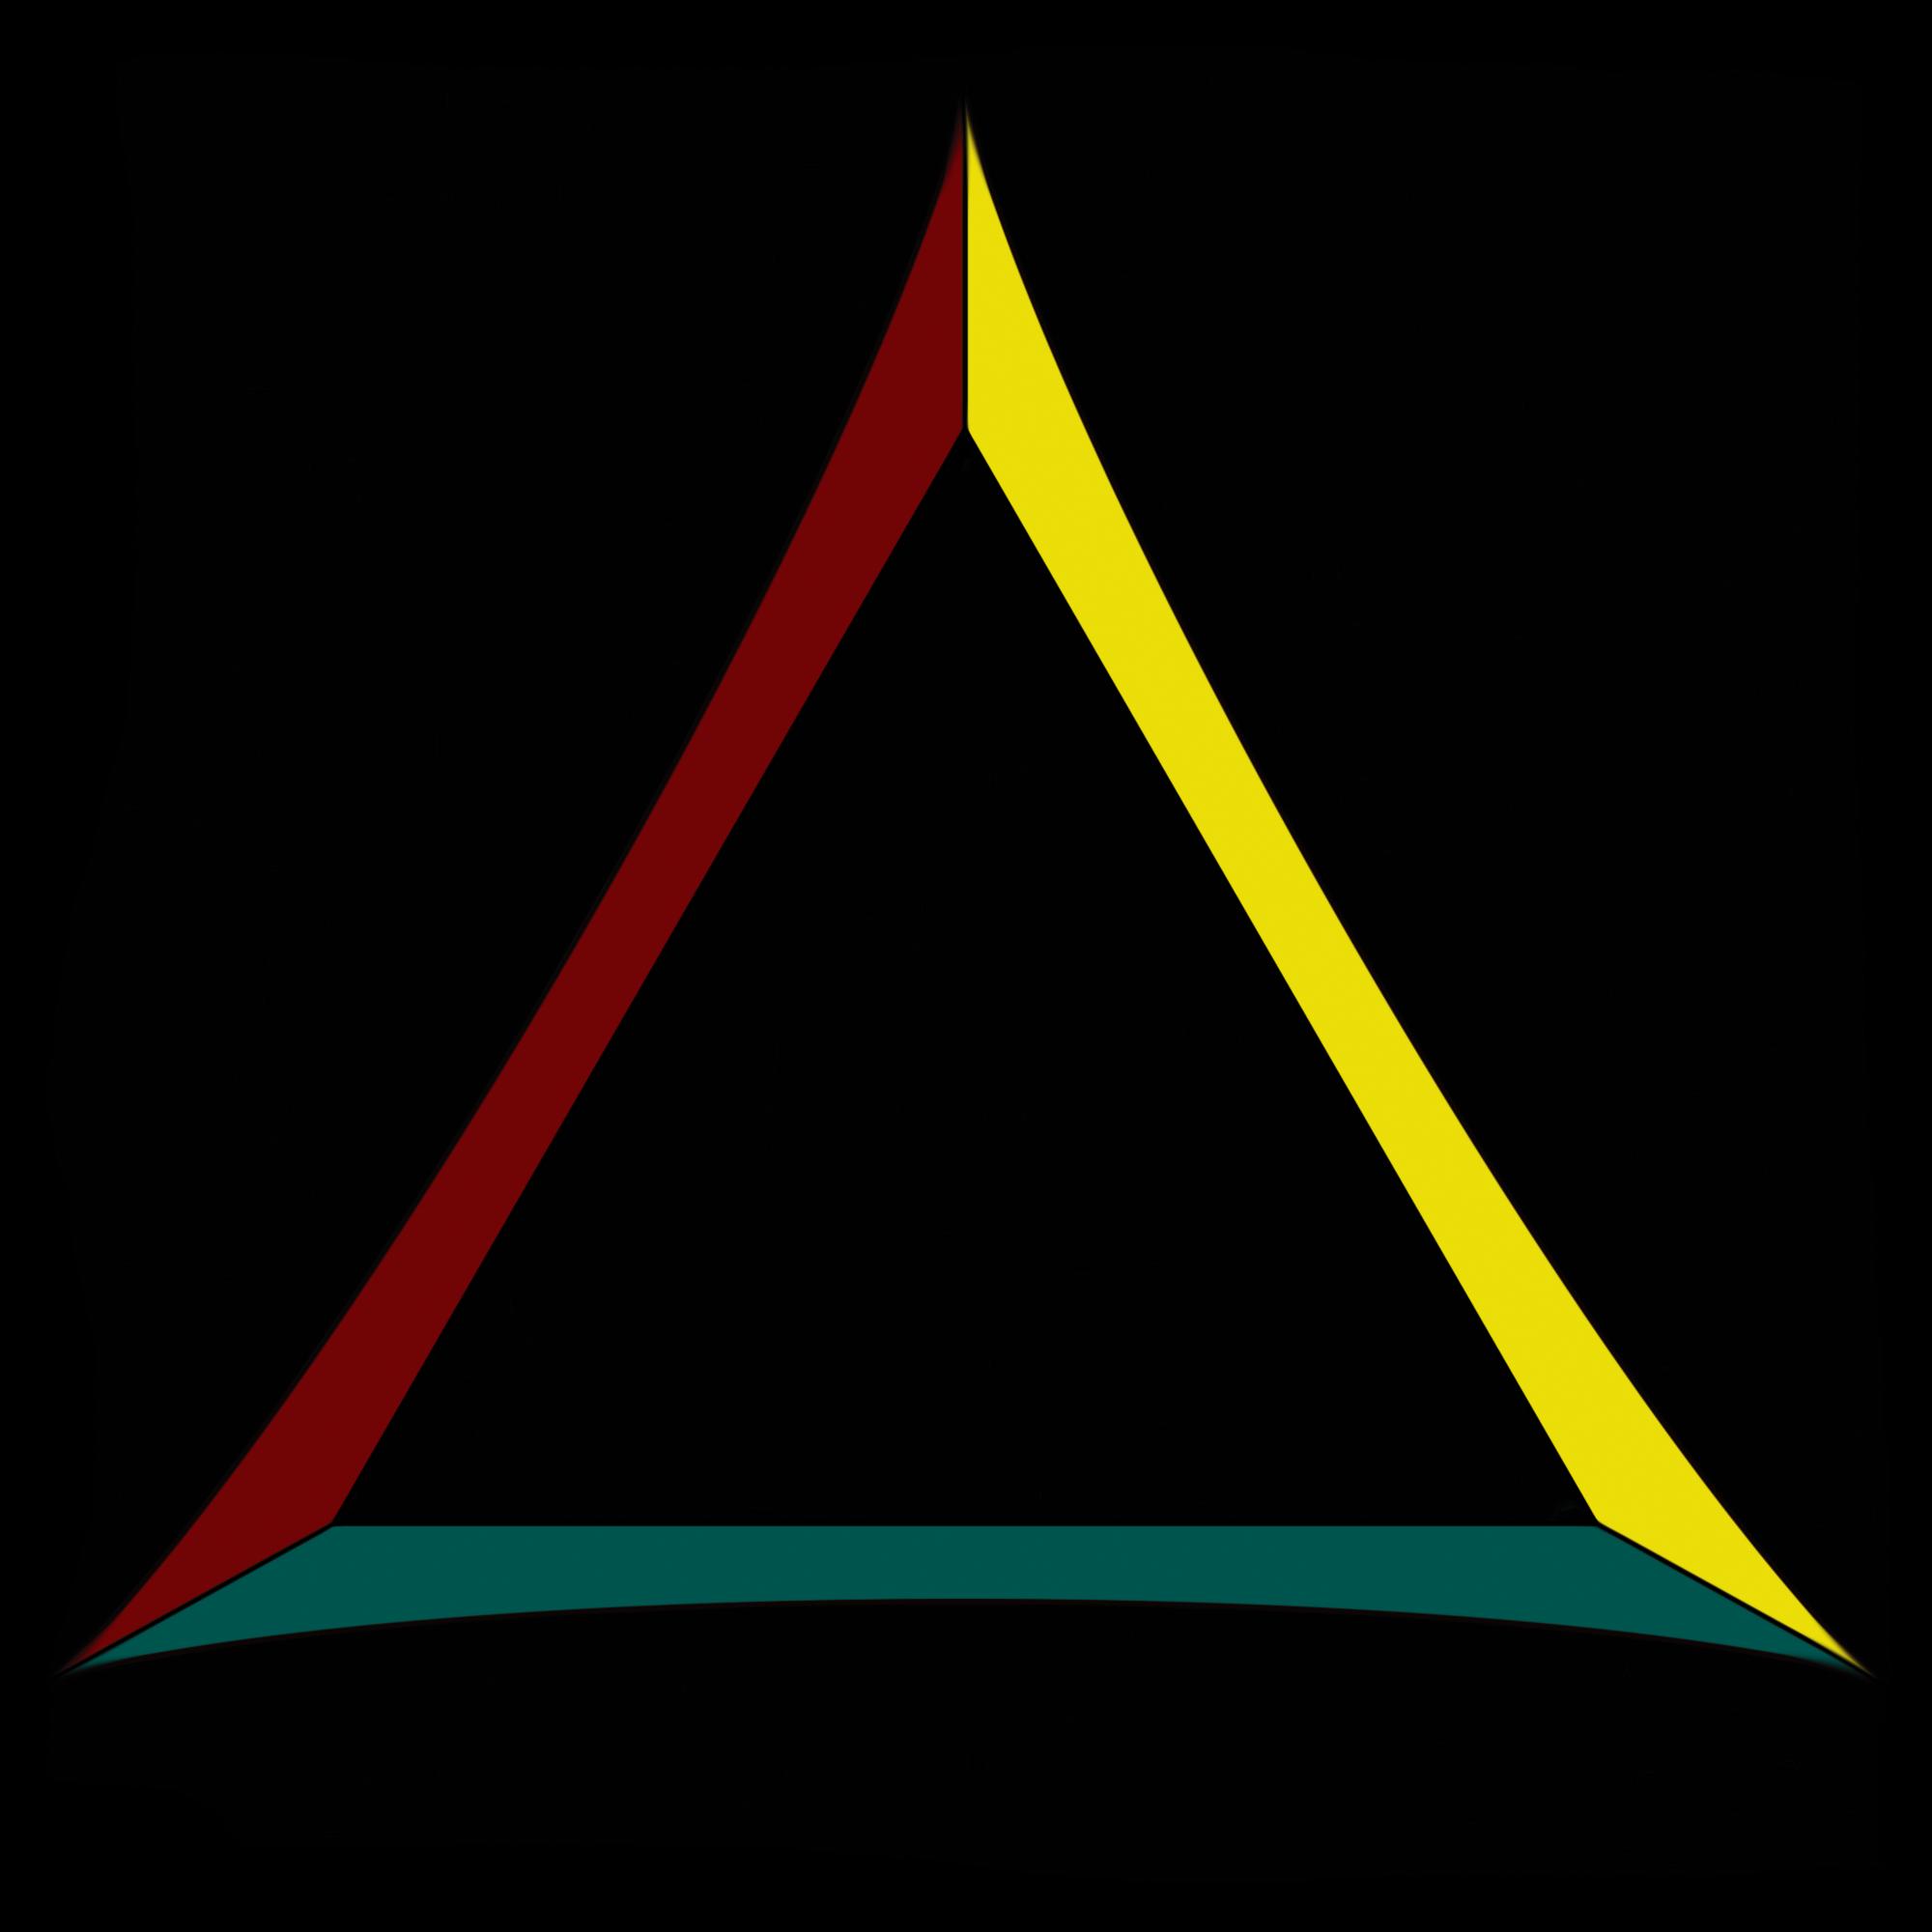 machine symbols